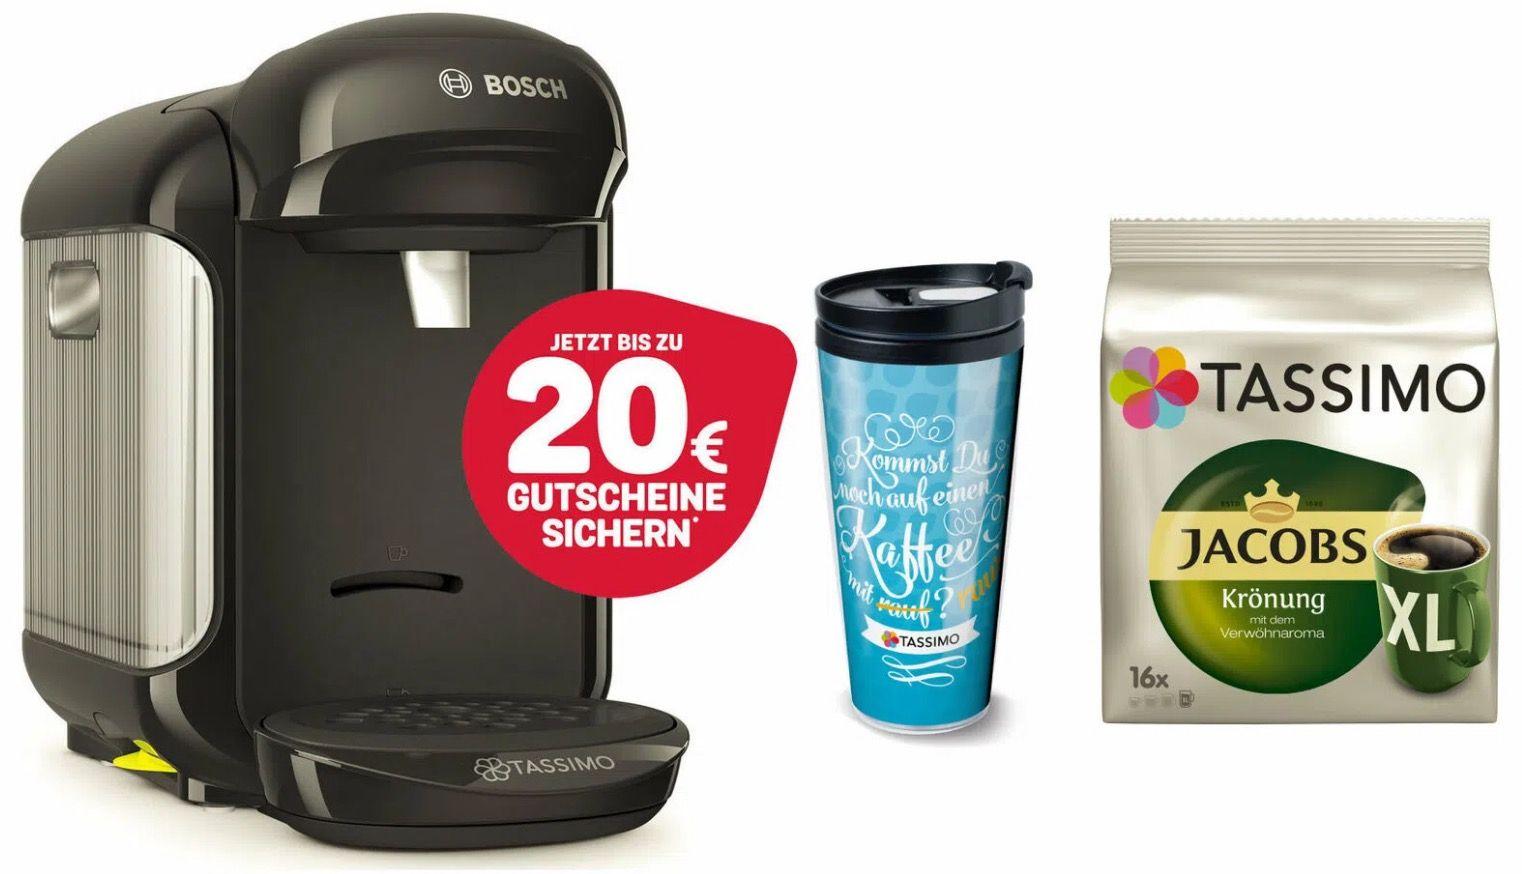 TASSIMO Vivy 2 + 2 x 10€ Tassimo Gutscheine + Thermobecher to go + TDisc Jacobs Krönung XL für 29,99€